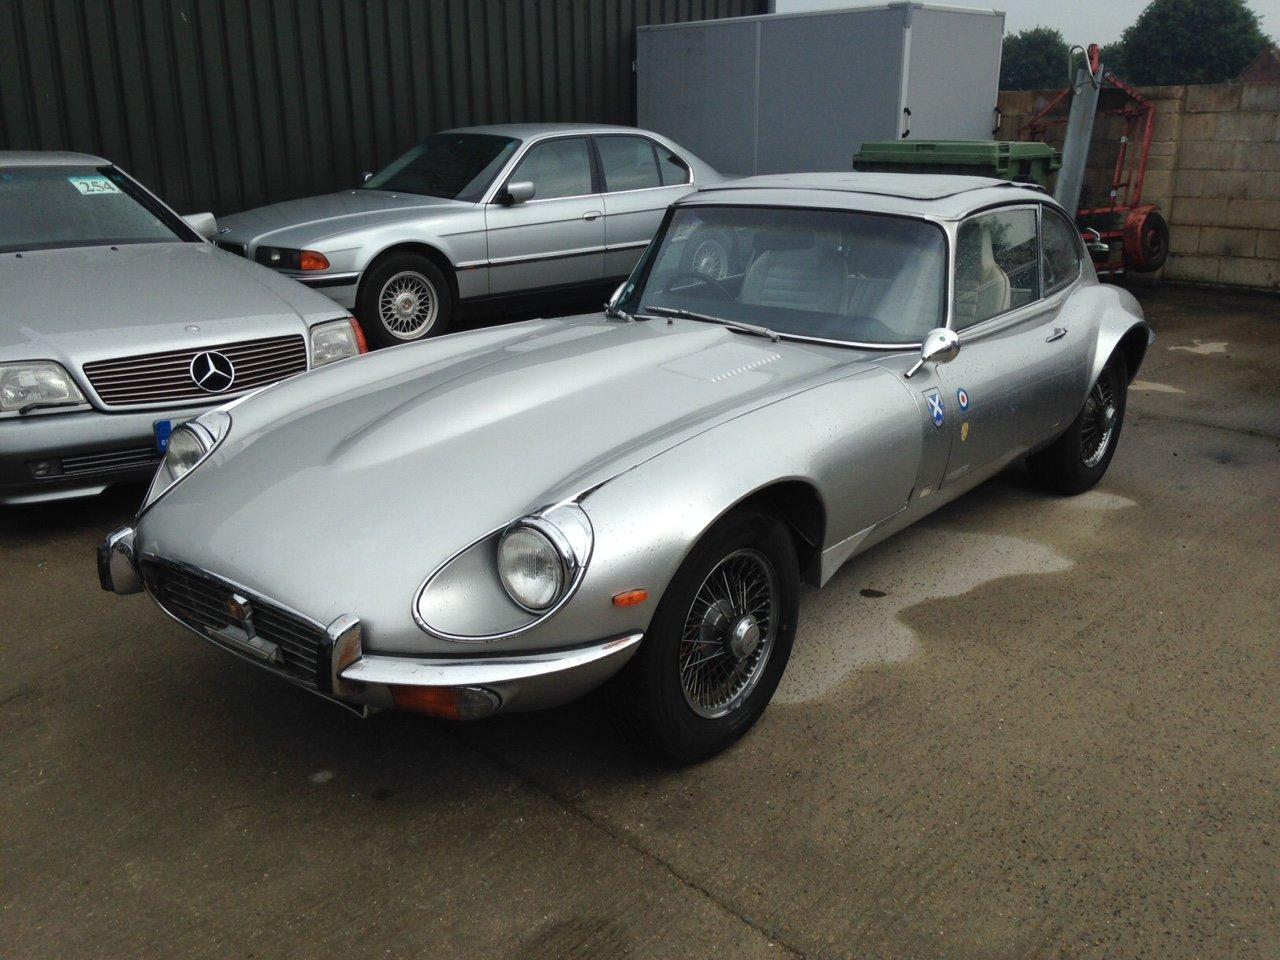 1971 Jaguar E Type s3 V12 Coupe Auto RHD For restoration